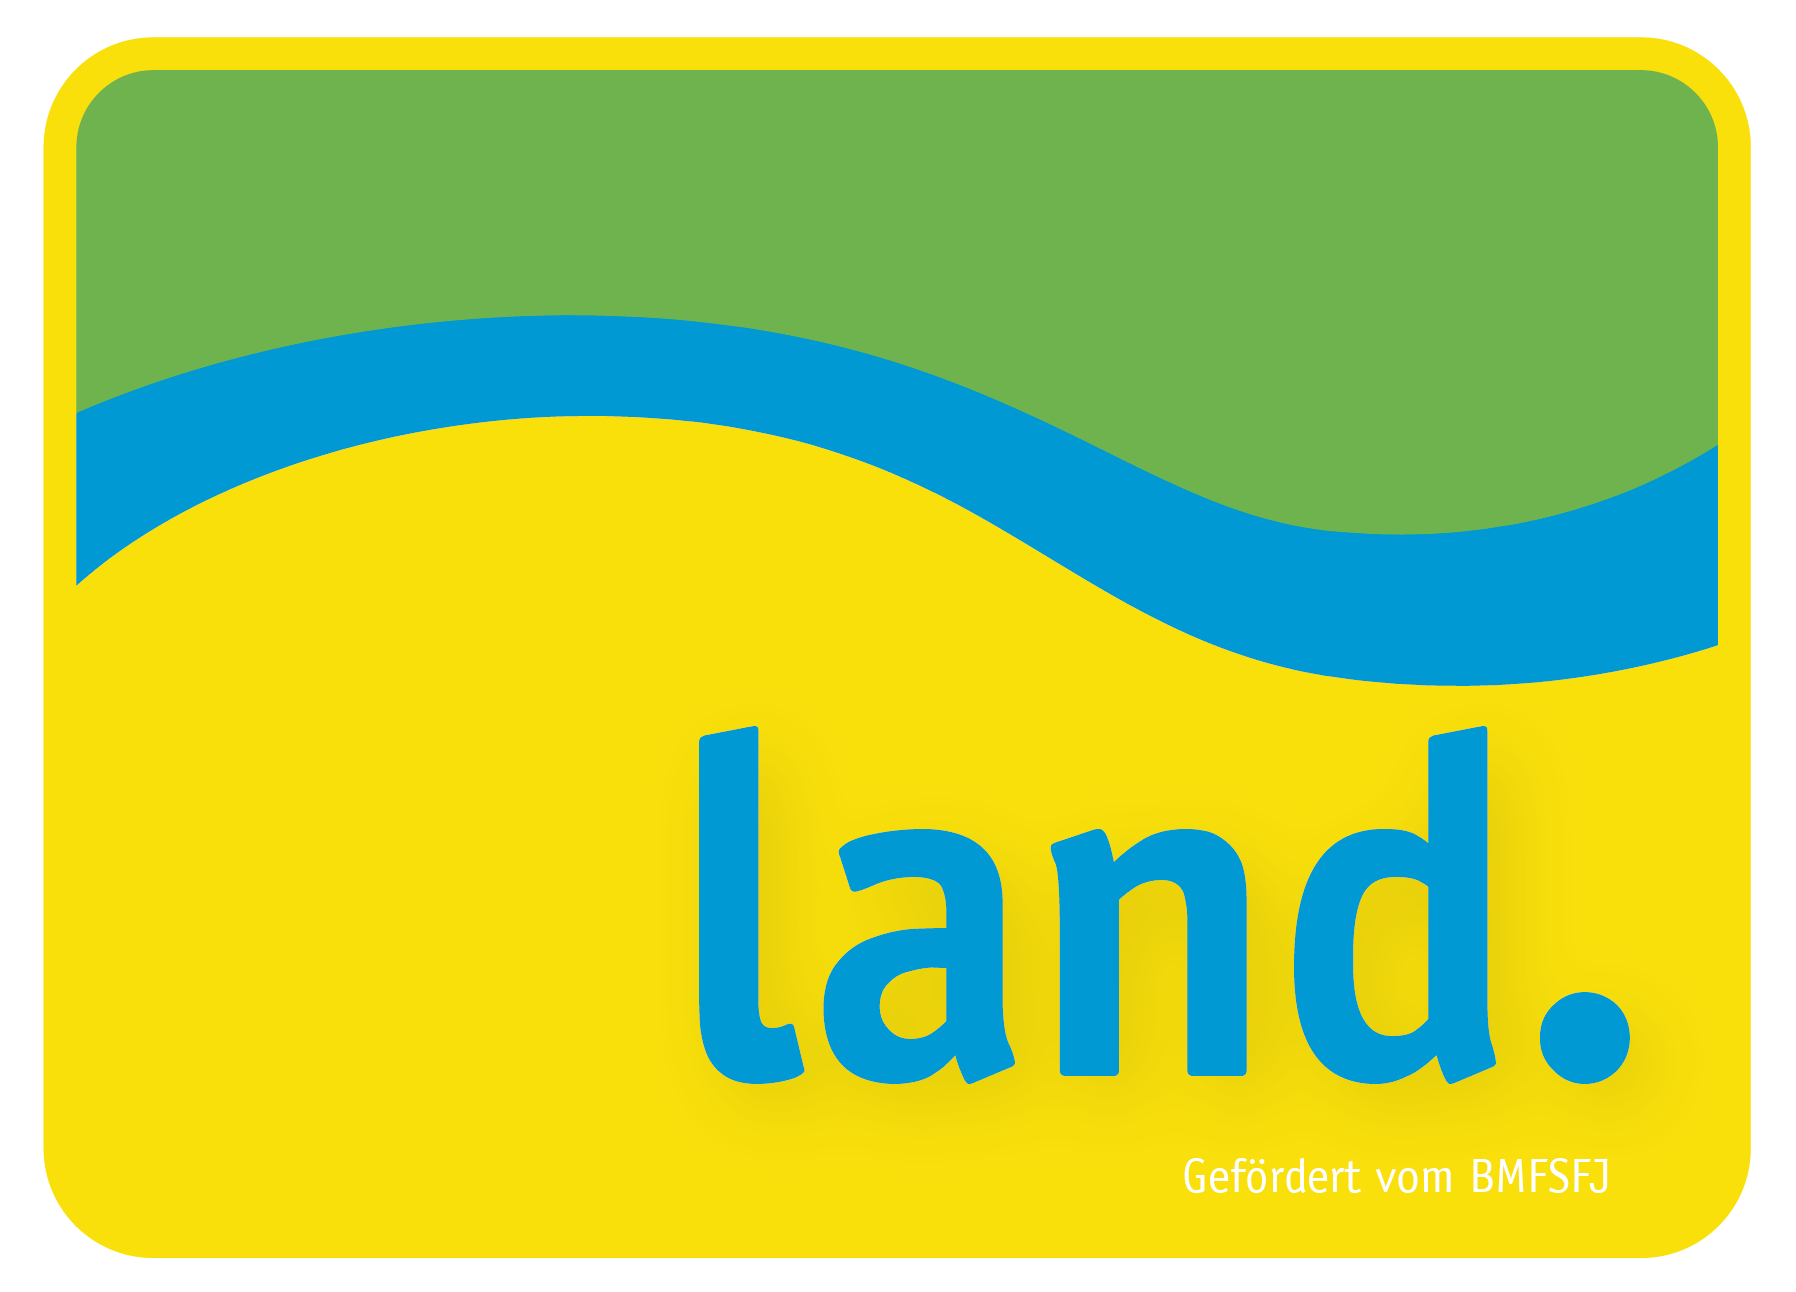 Logo land.